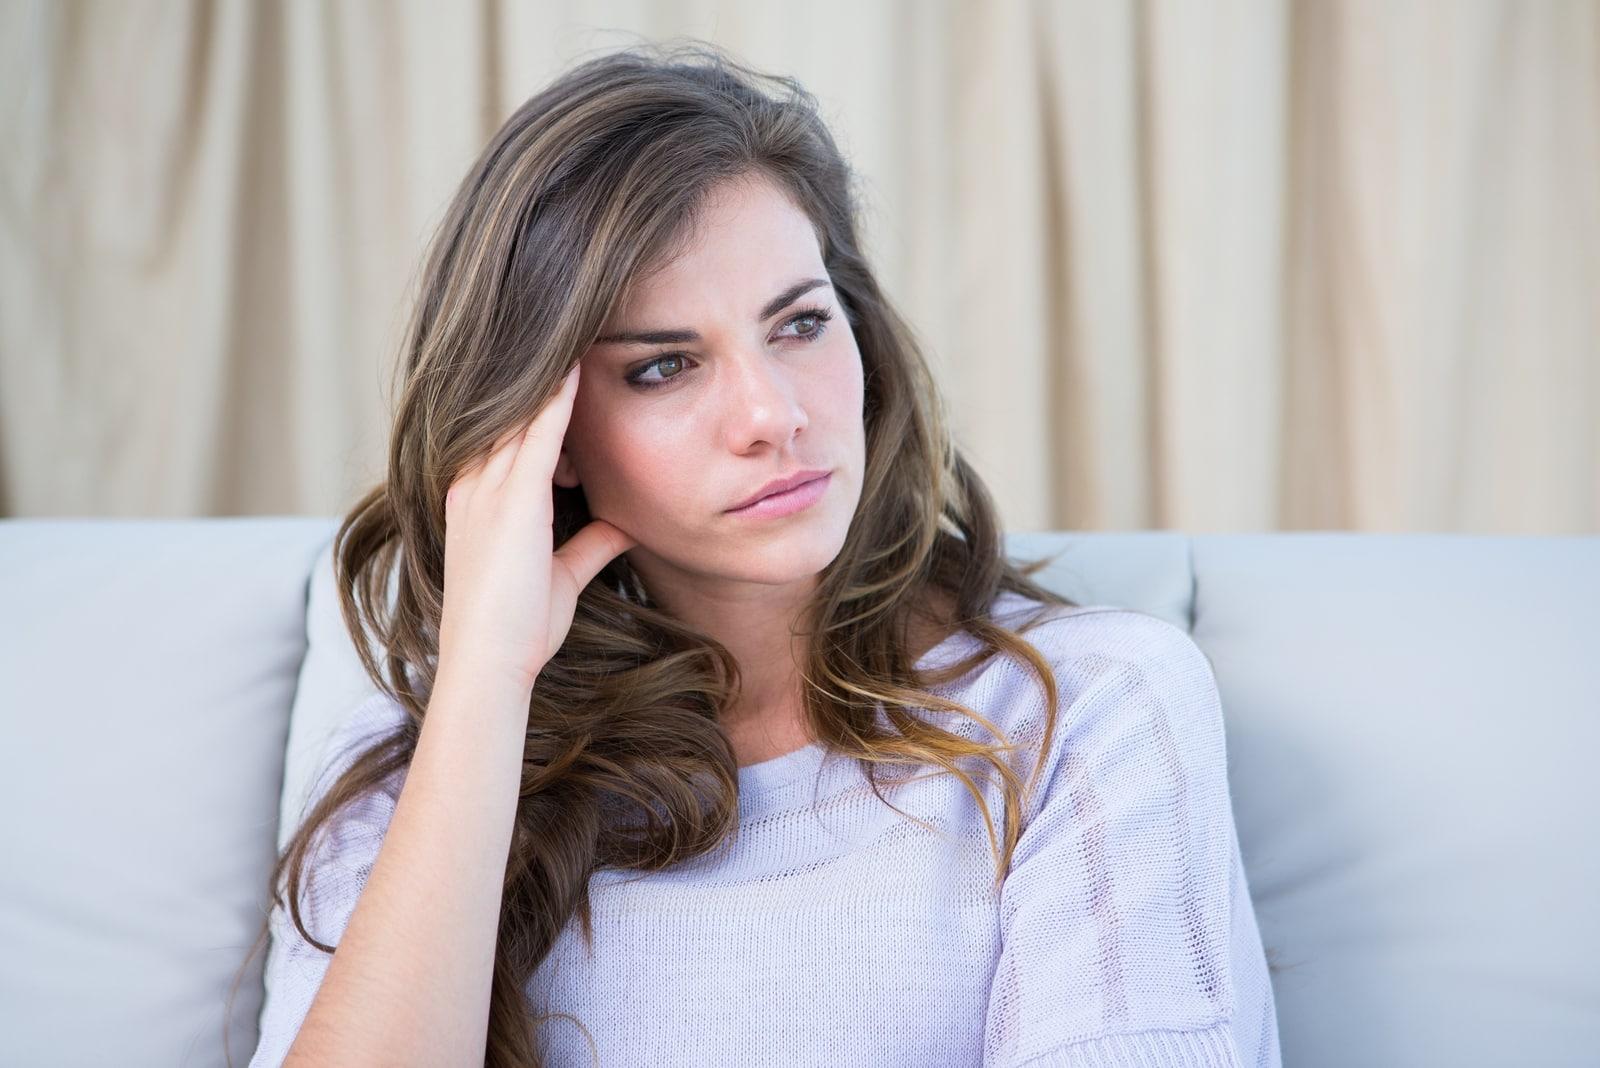 sad woman in white sweater sitting on sofa